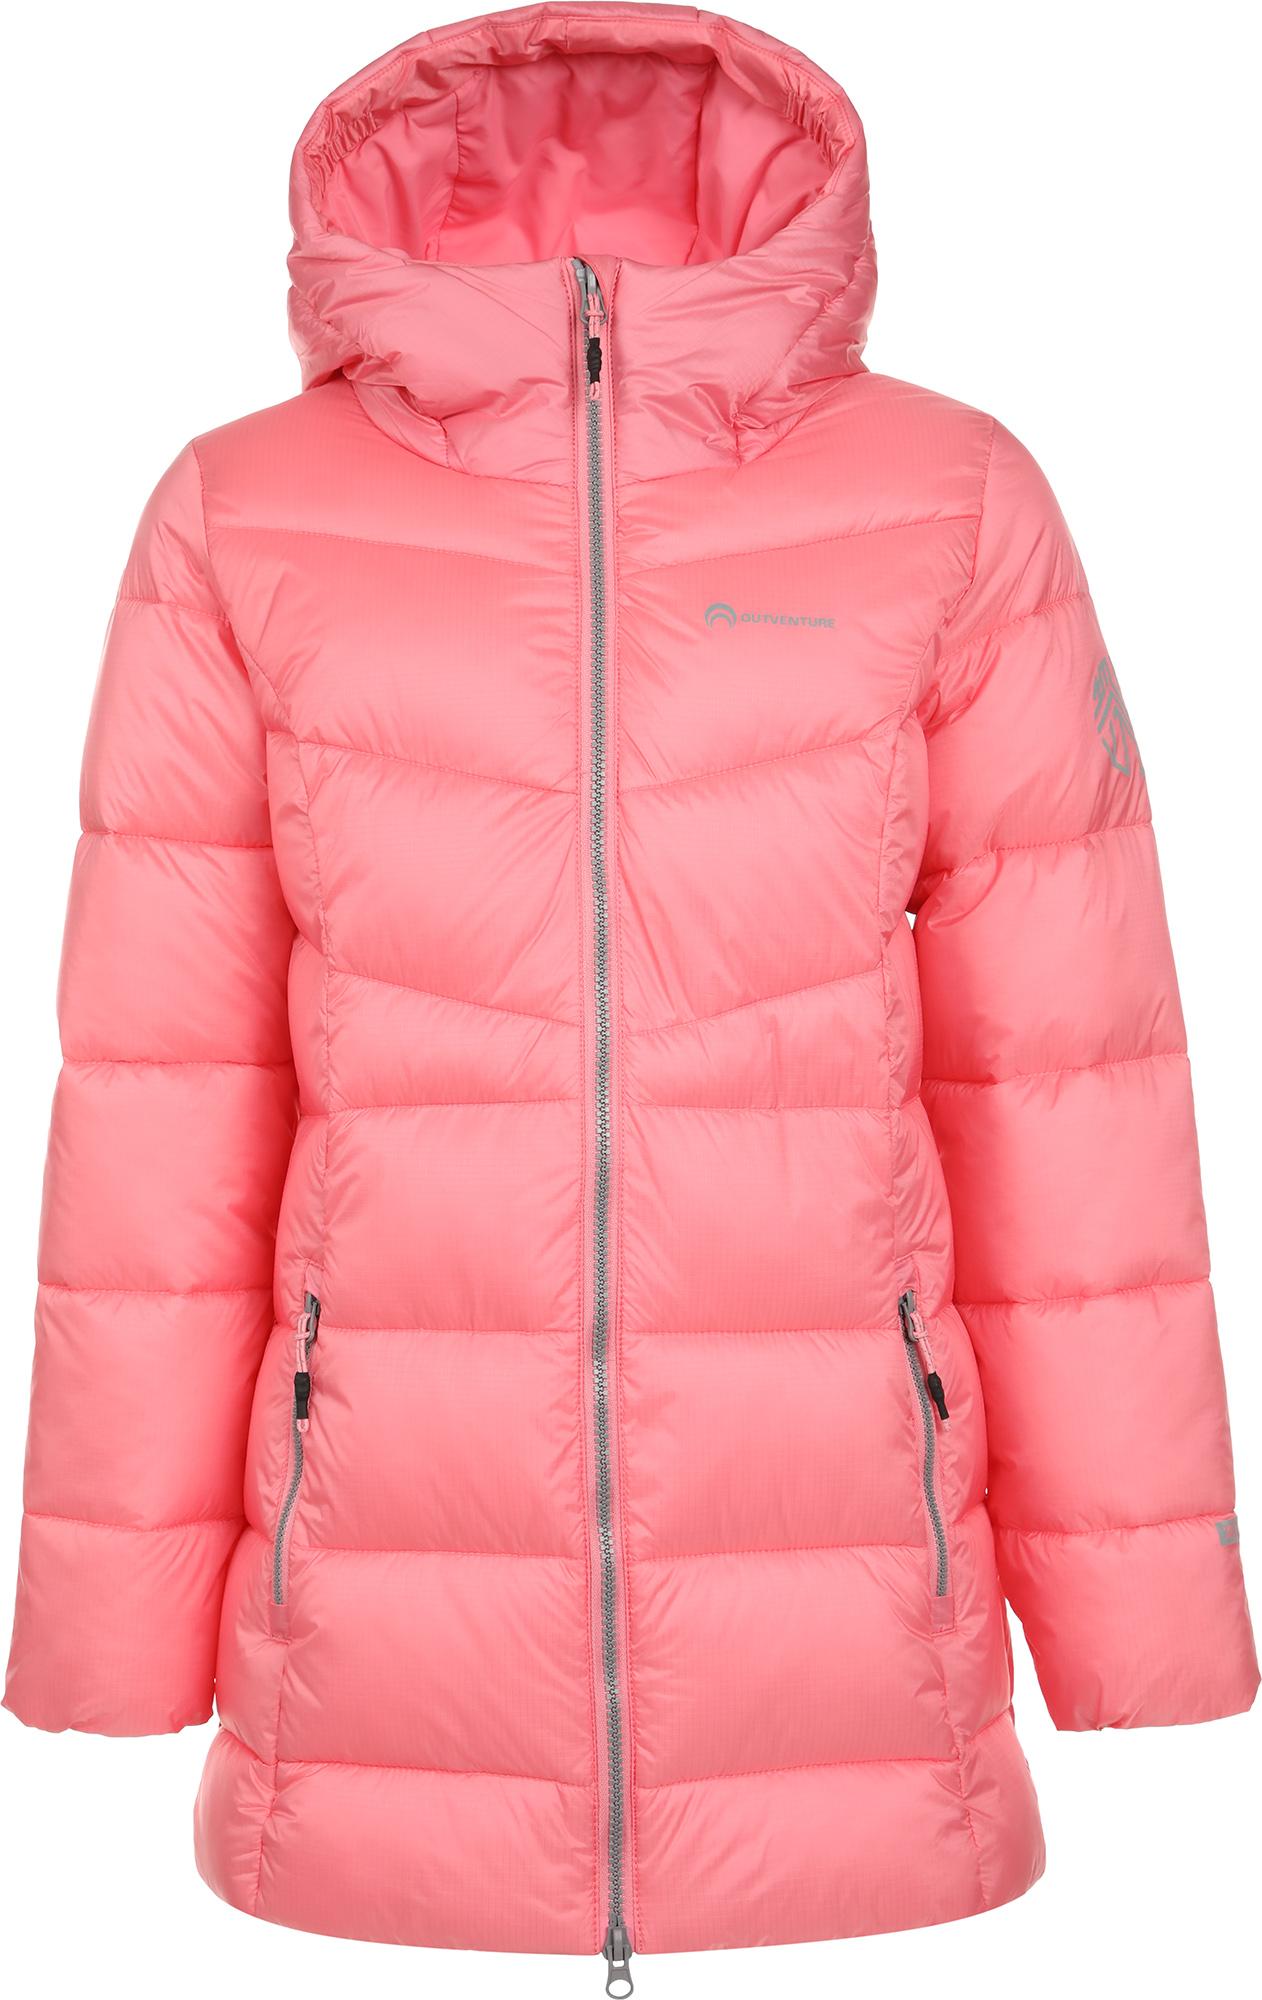 Фото - Outventure Куртка утепленная для девочек Outventure, размер 146 outventure куртка утепленная для девочек outventure размер 134